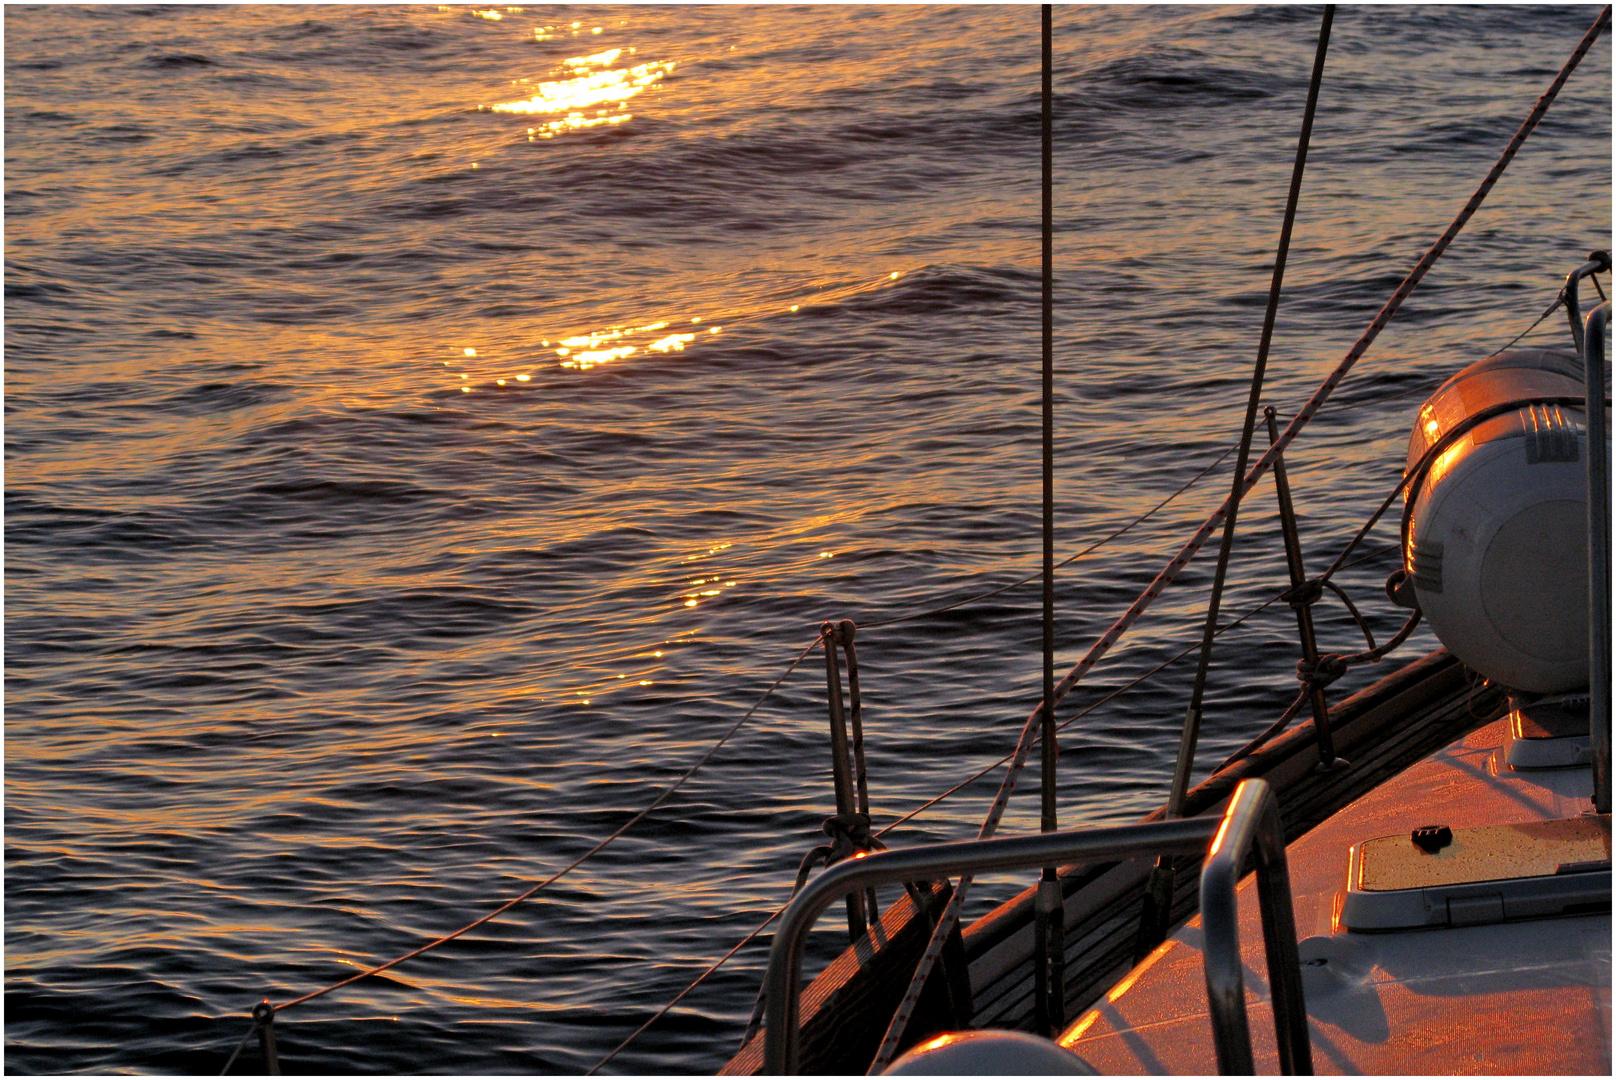 Impresiones en el sol de tarde - 2